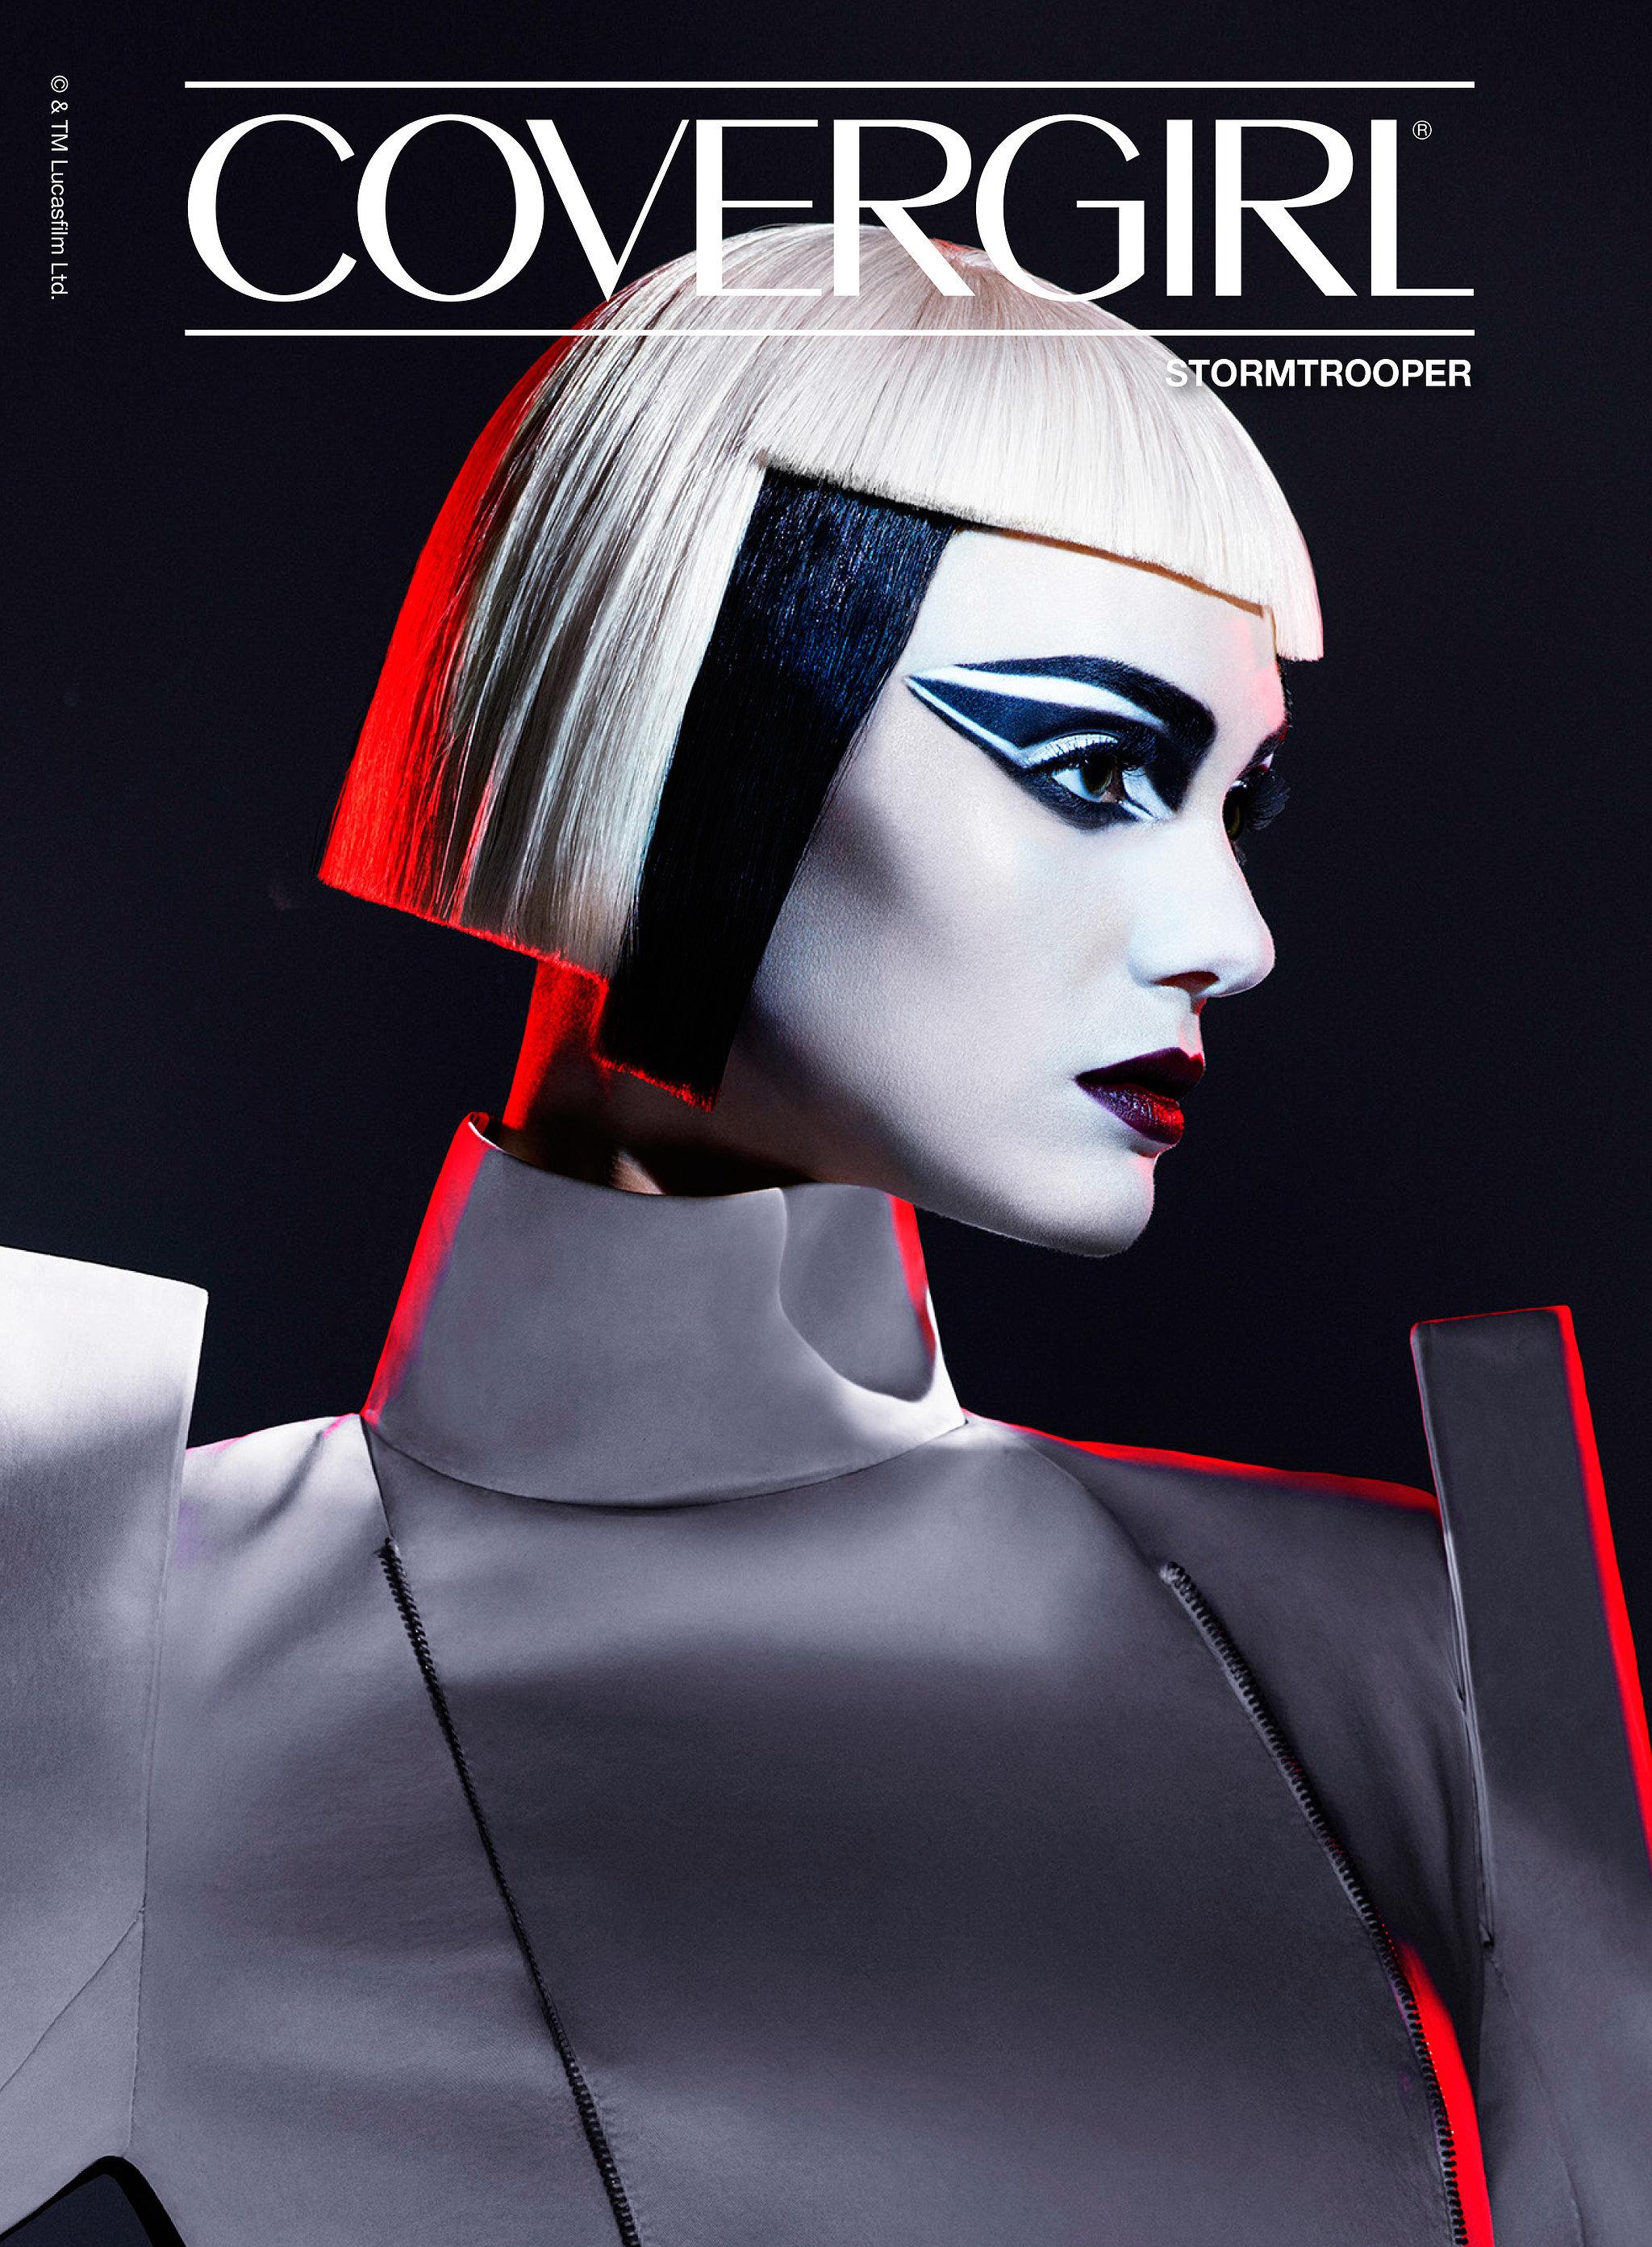 CoverGirl-Stormtrooper-Look.jpg